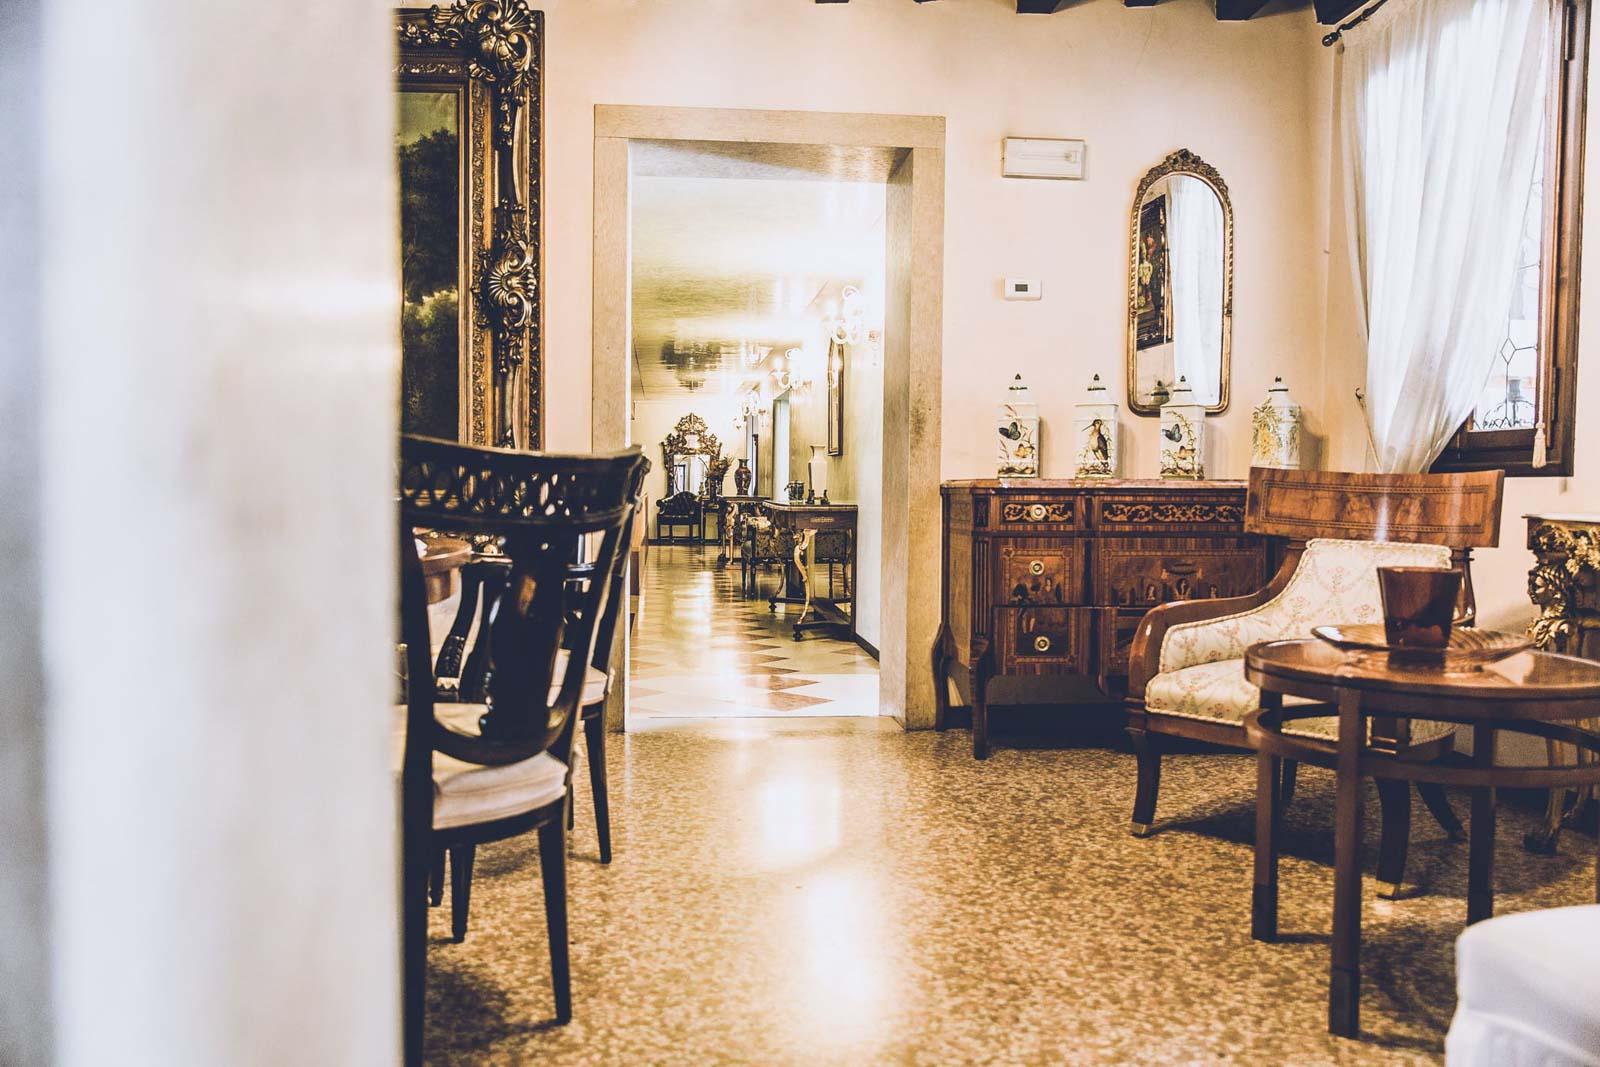 La settecentesca villa palma porta con s il fascino di - Storia di palma domenica ks1 ...